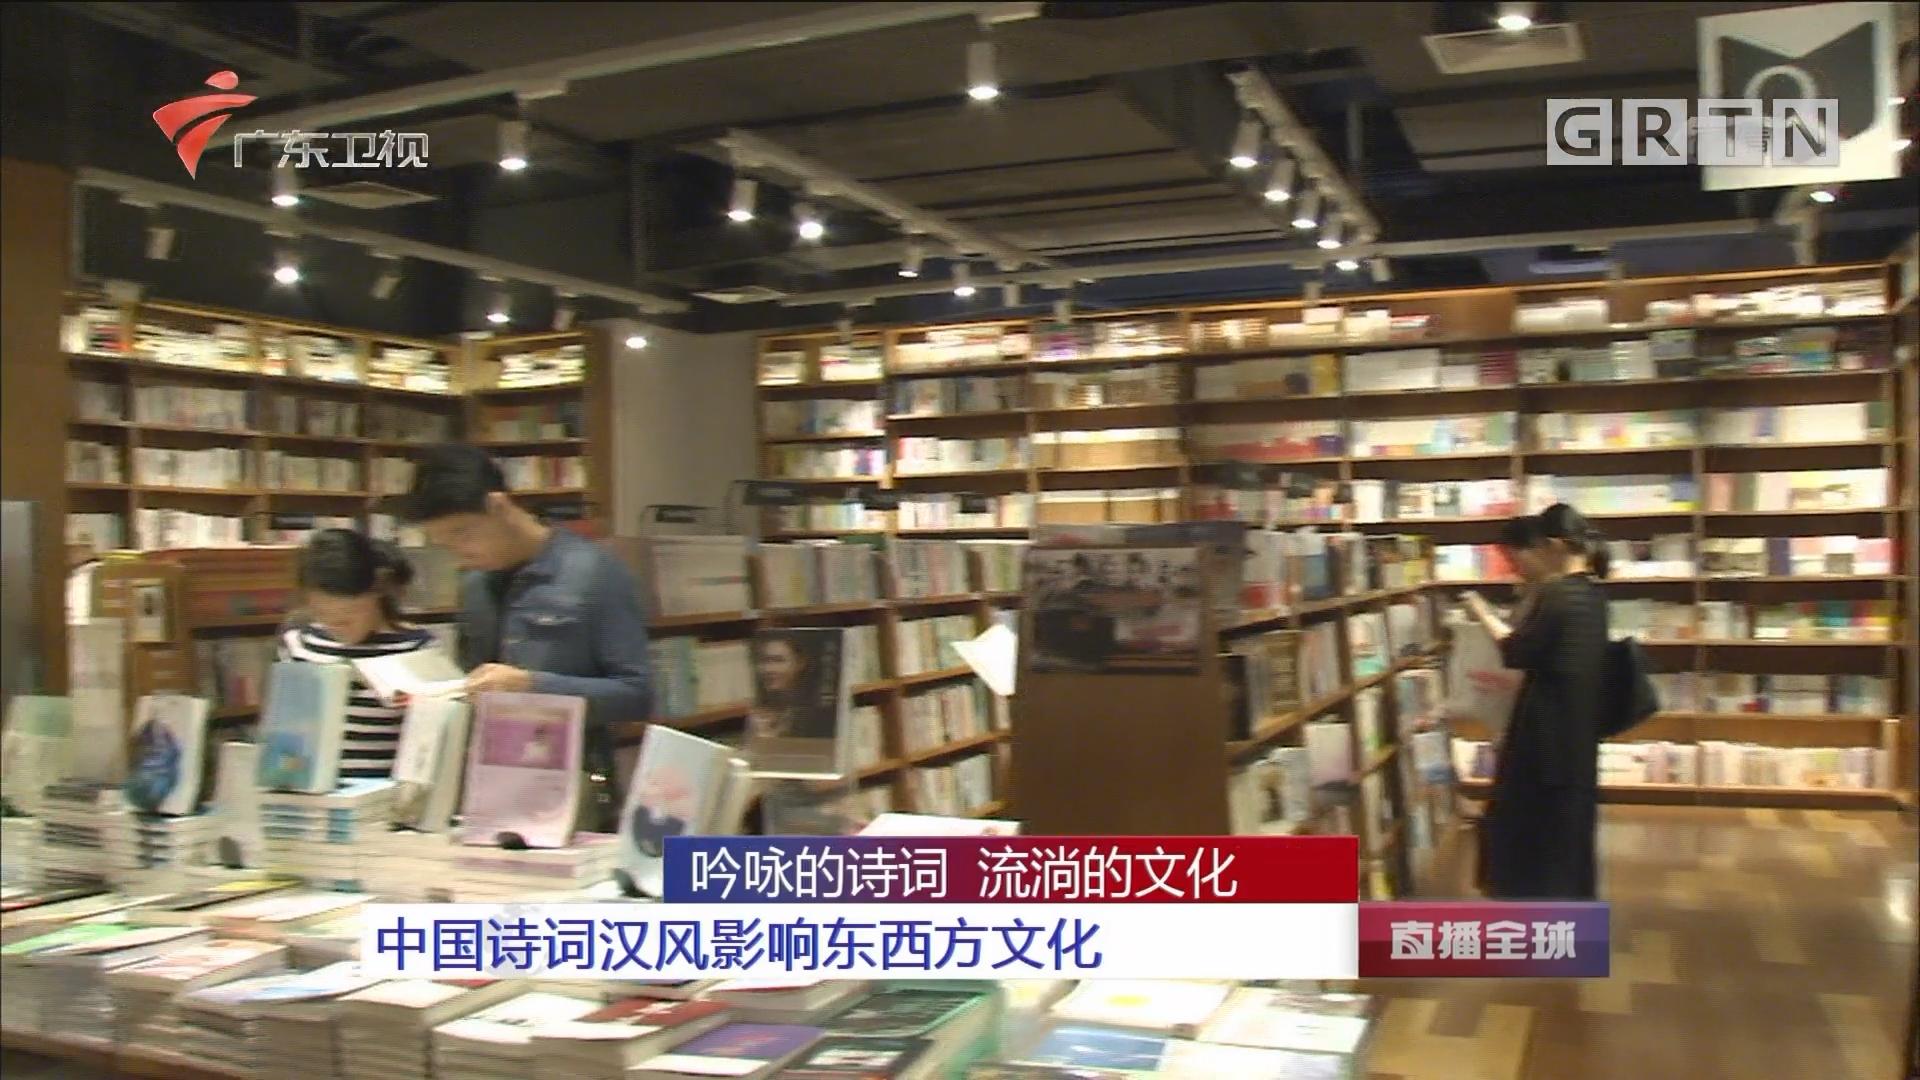 吟咏的诗词 流淌的文化 中国诗词汉风影响东西方文化